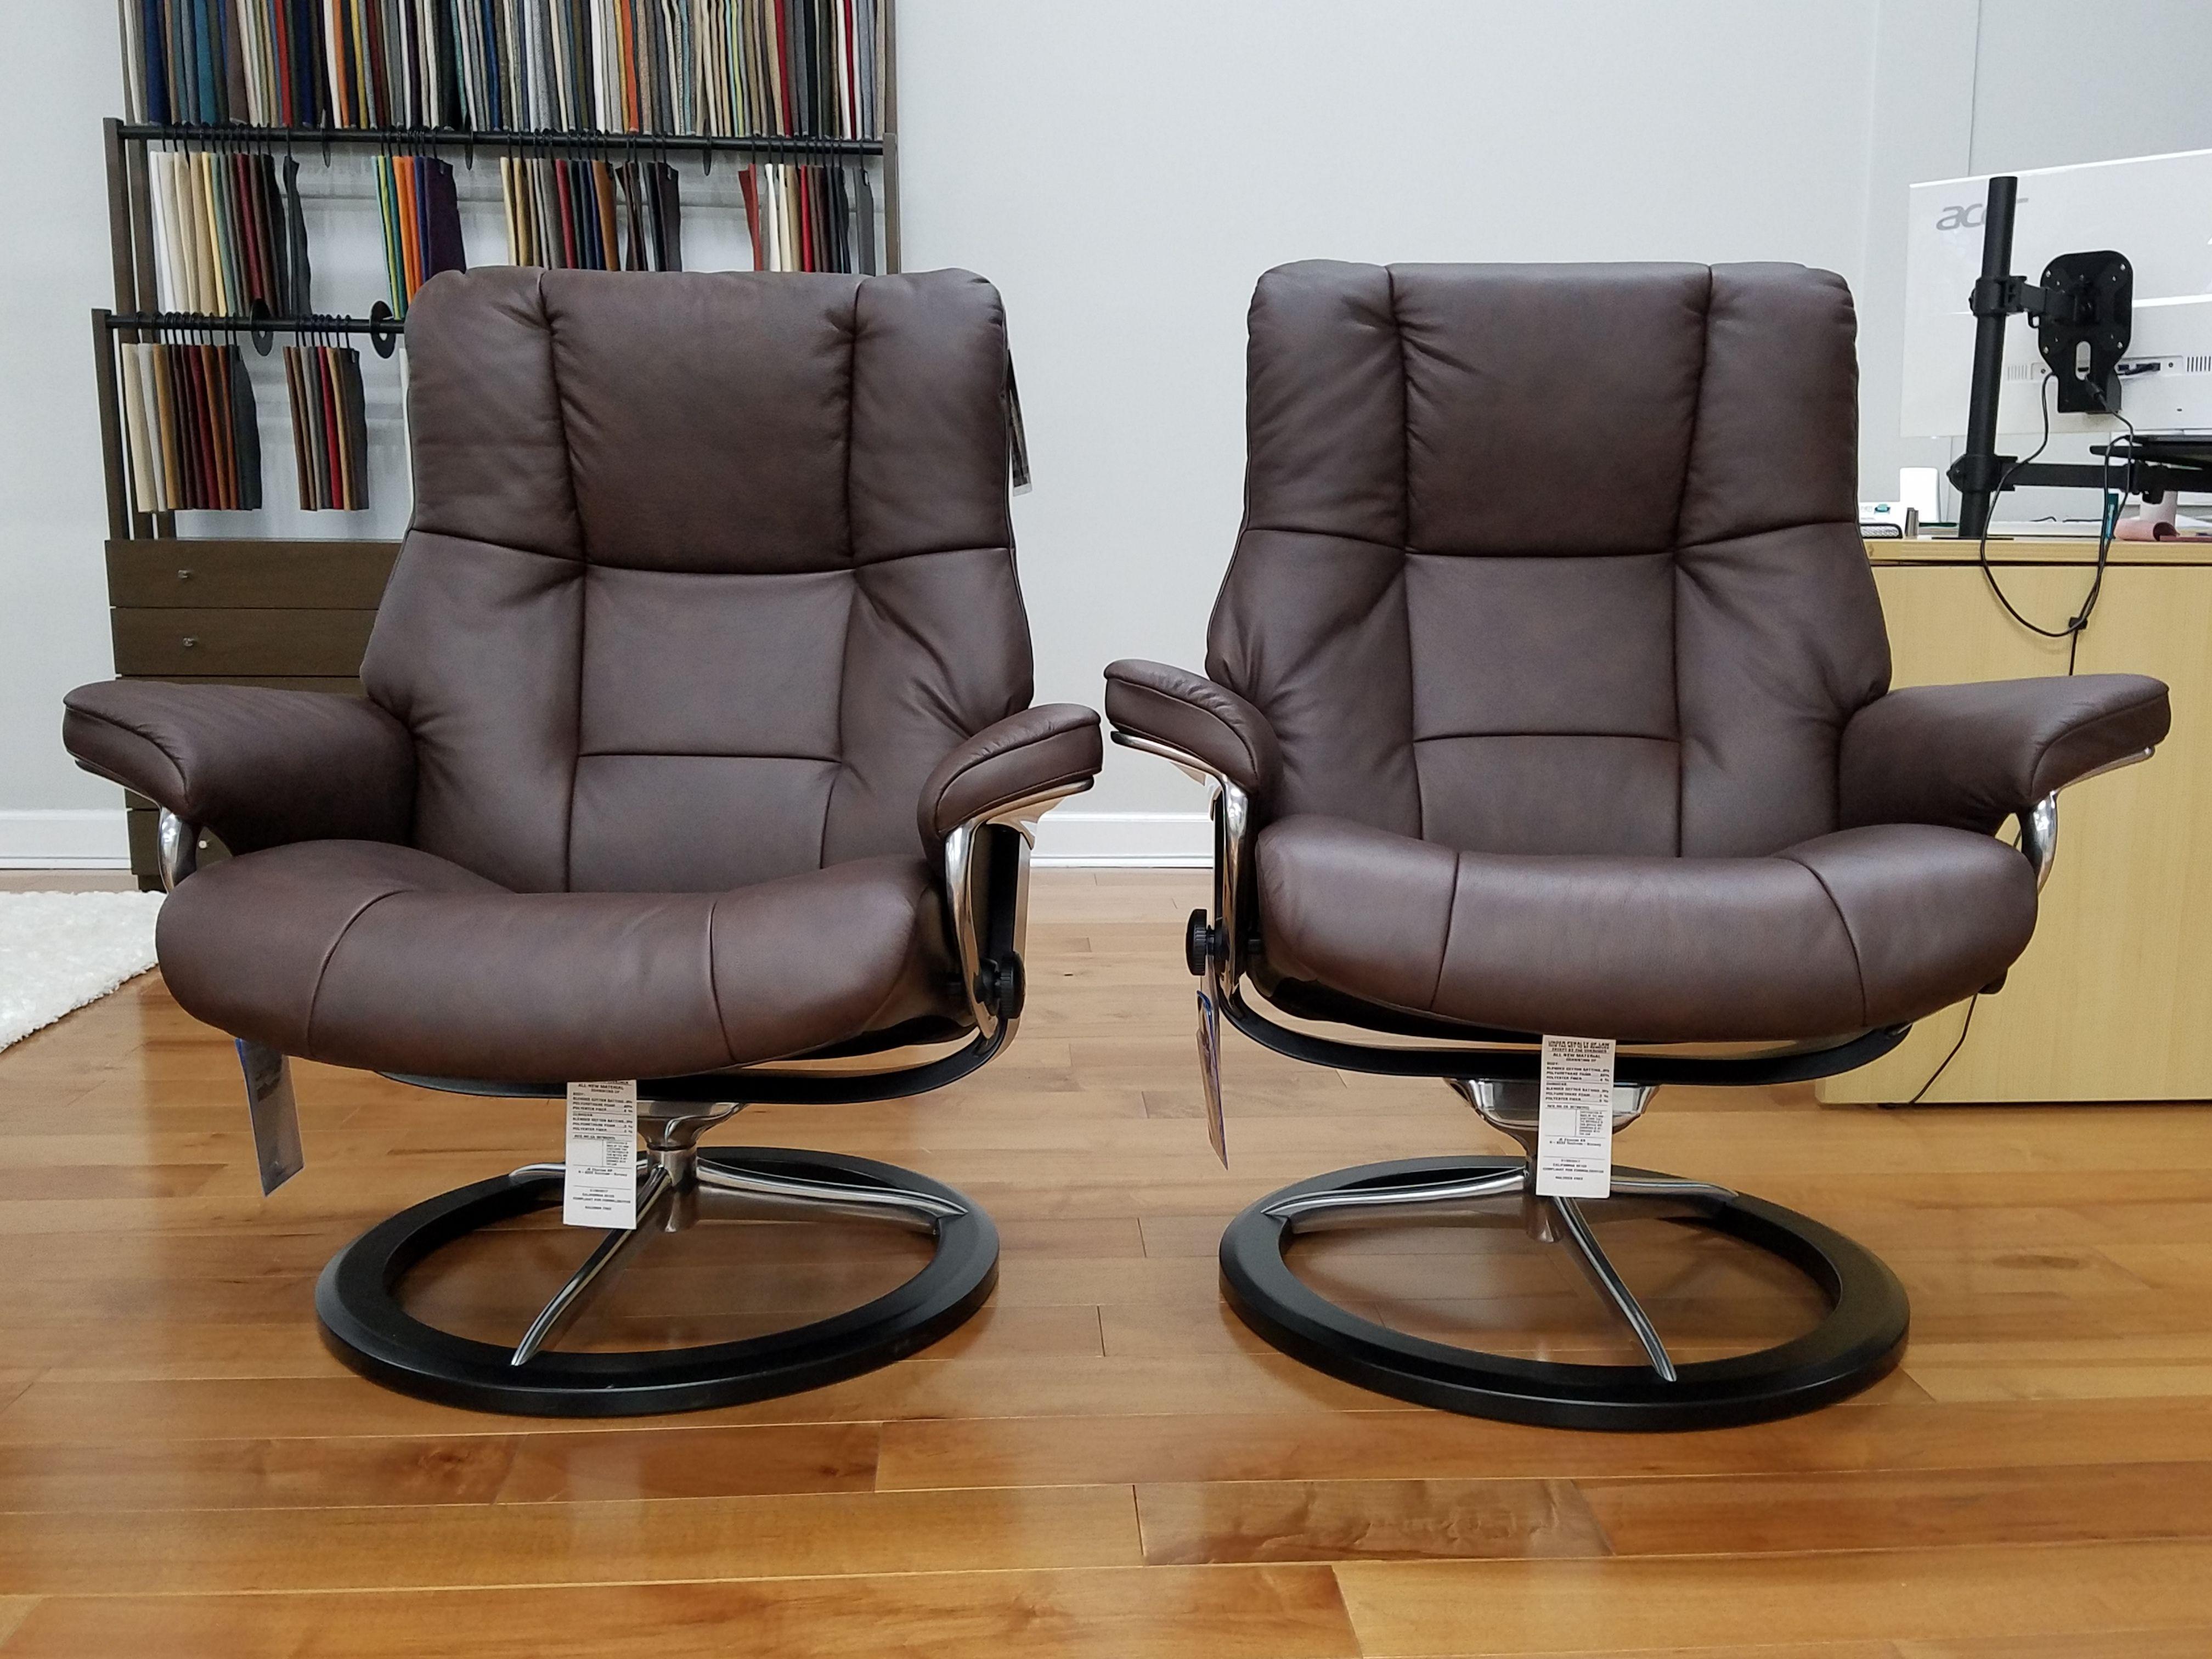 stressless sessel mayfair stressless sessel modell mayfair. Black Bedroom Furniture Sets. Home Design Ideas